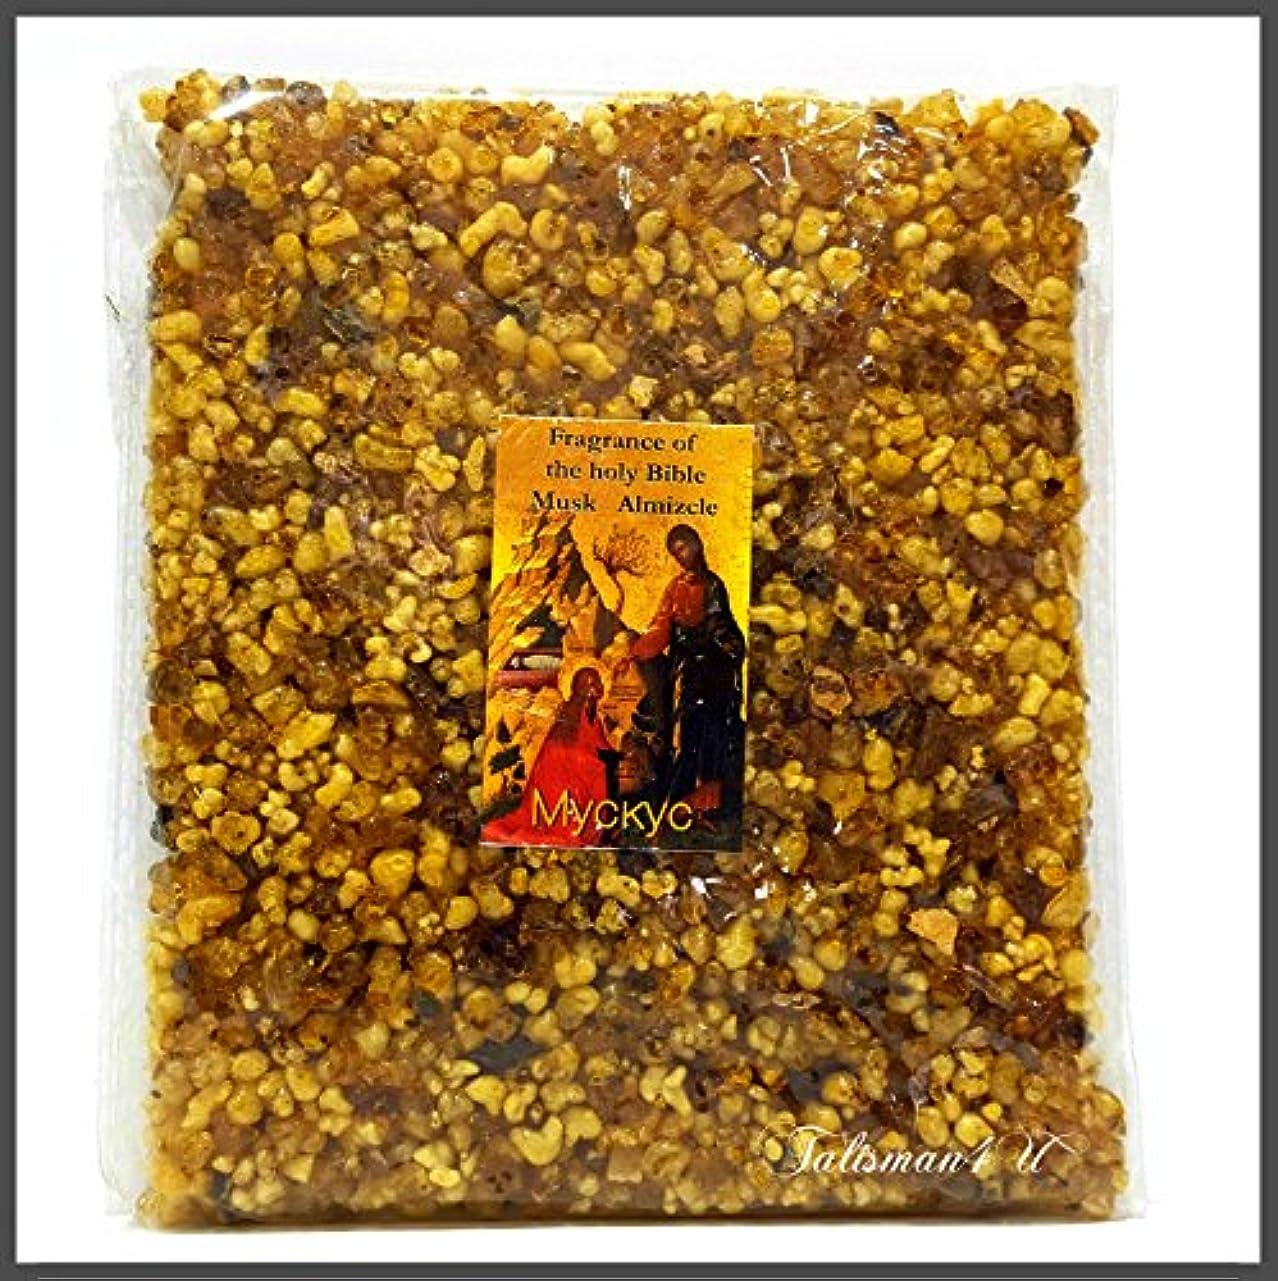 改修する継続中投げ捨てるムスクエルサレムIncense樹脂Aromatic Almizcle Frankincense of the Holy Land 3.5 Oz / 100 g